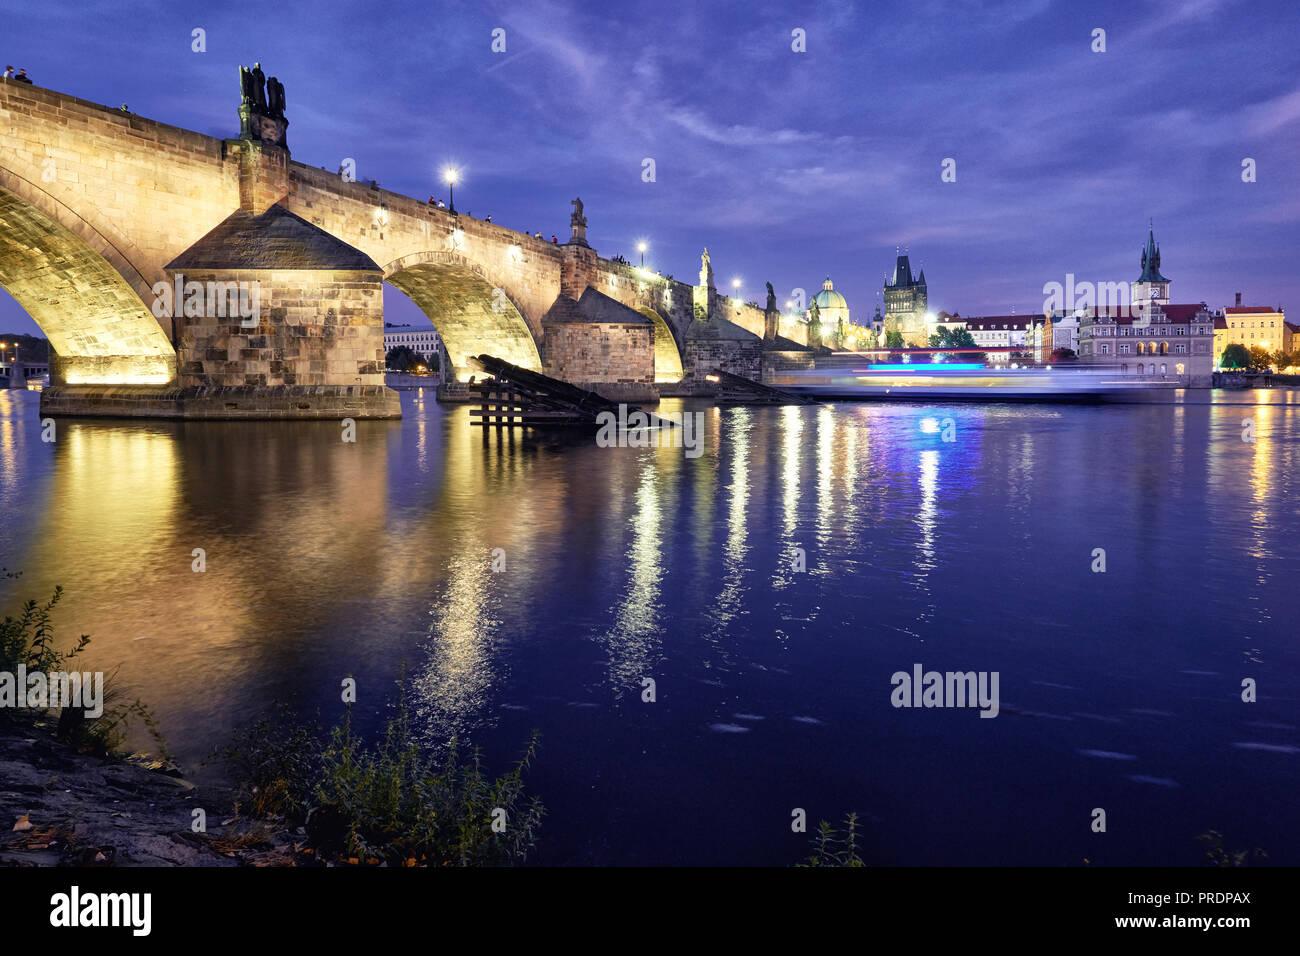 Romantisch beleuchteten Prag, Karlsbrücke, spiegelt sich in der Moldau bei Nacht Stockfoto